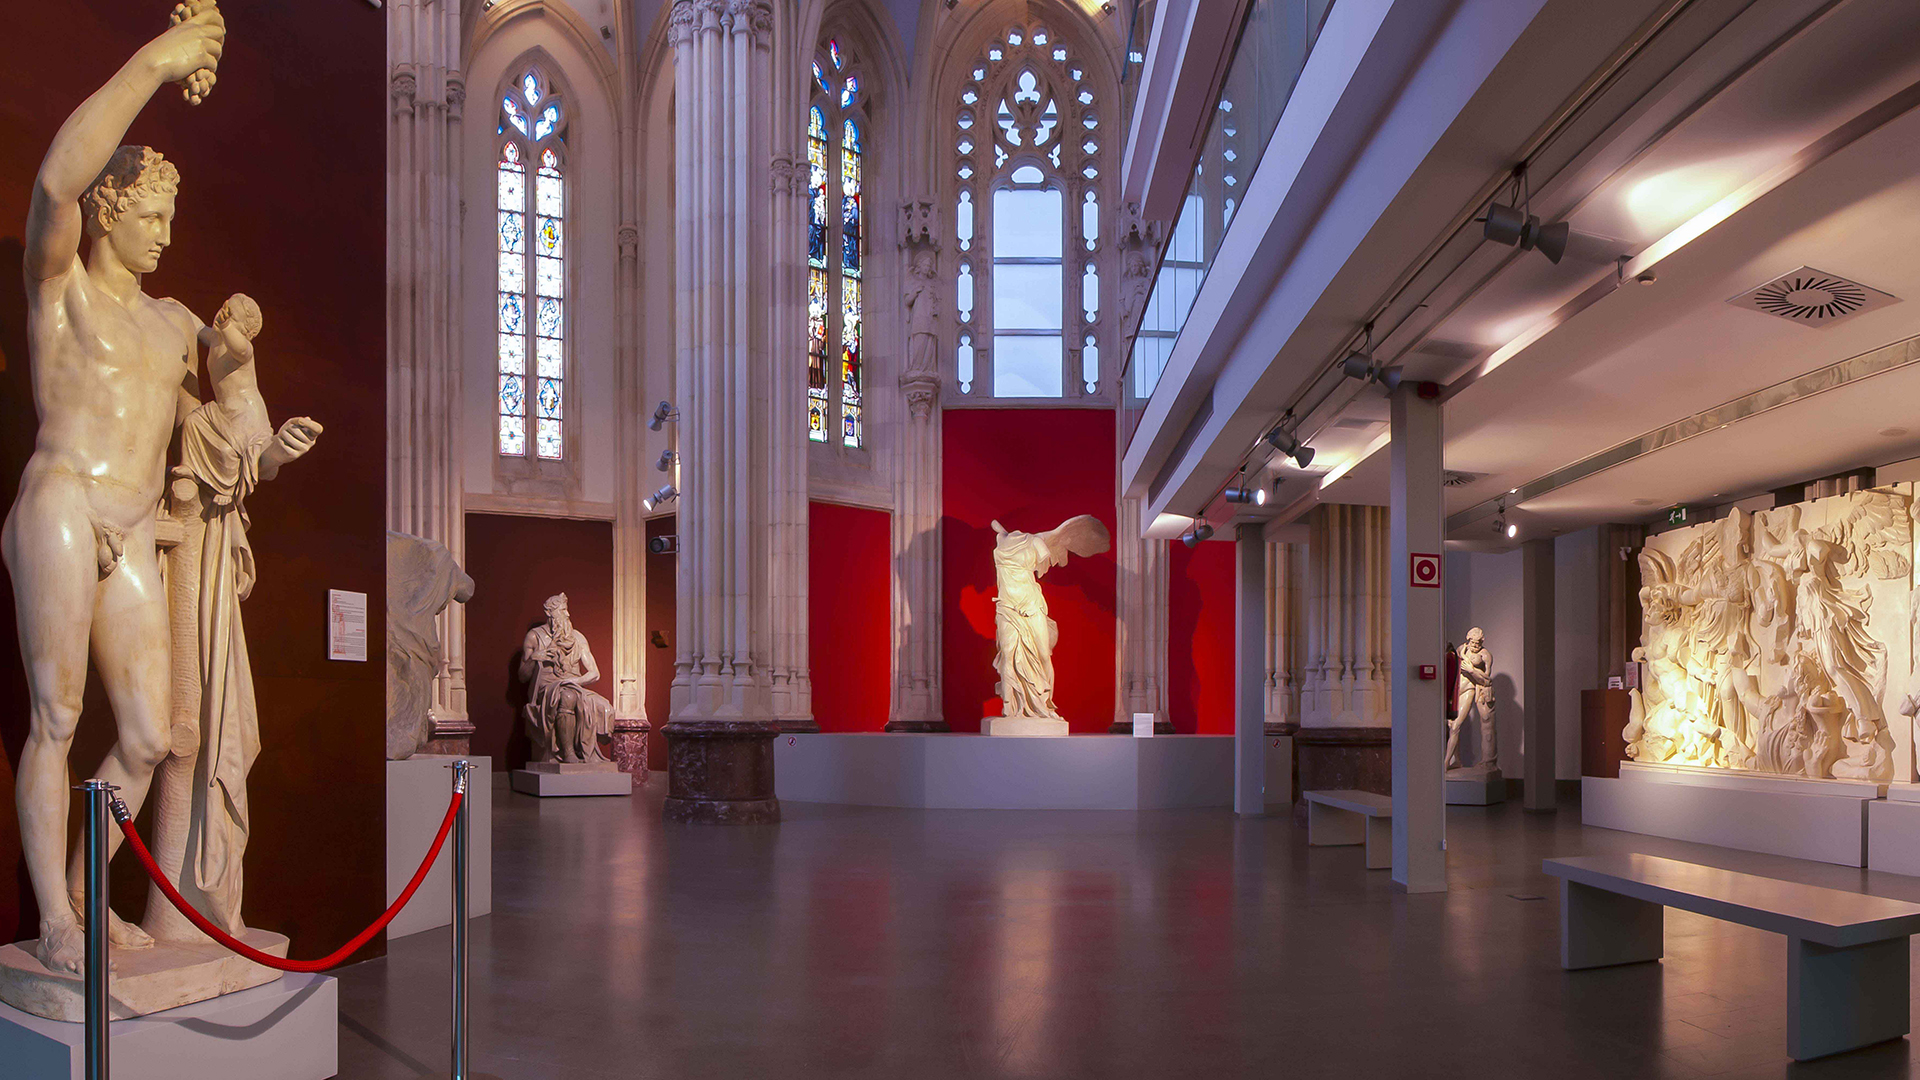 Bilboko Berreginen Museoa